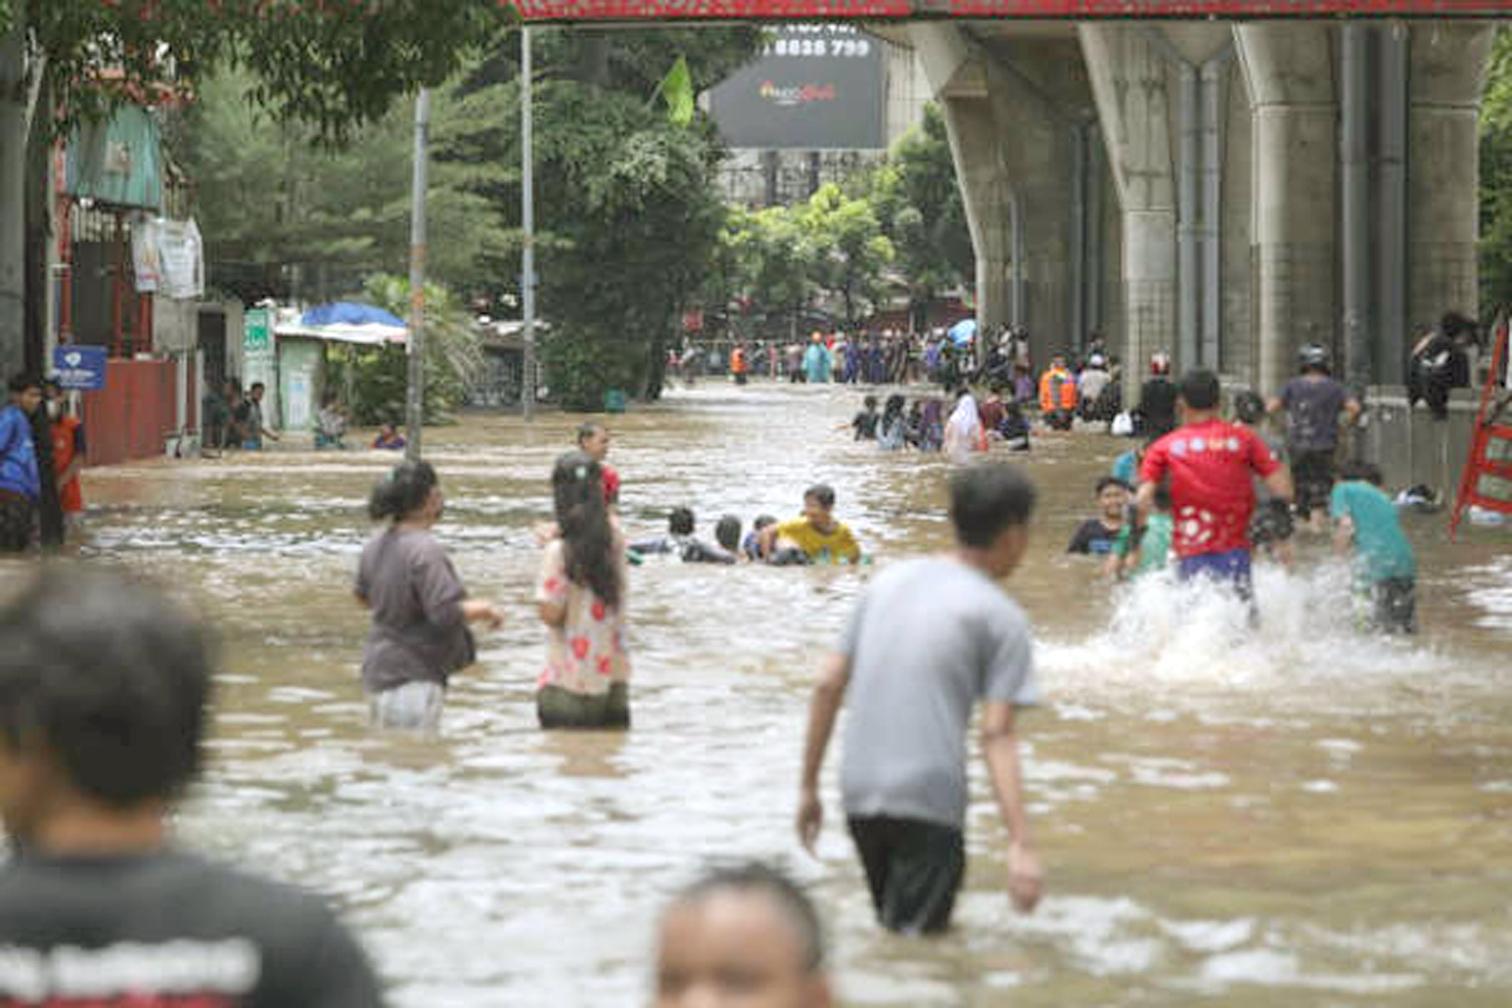 Trong số 100 đô thị của thế giới đang đối mặt với những thách thức  khủng khiếp nhất của môi trường, có đến 99 thành phố tại châu Á. Hình ảnh thành phố Jakarta, Indonesia trong trận lụt tháng 2/2021 - Ảnh: Getty Images